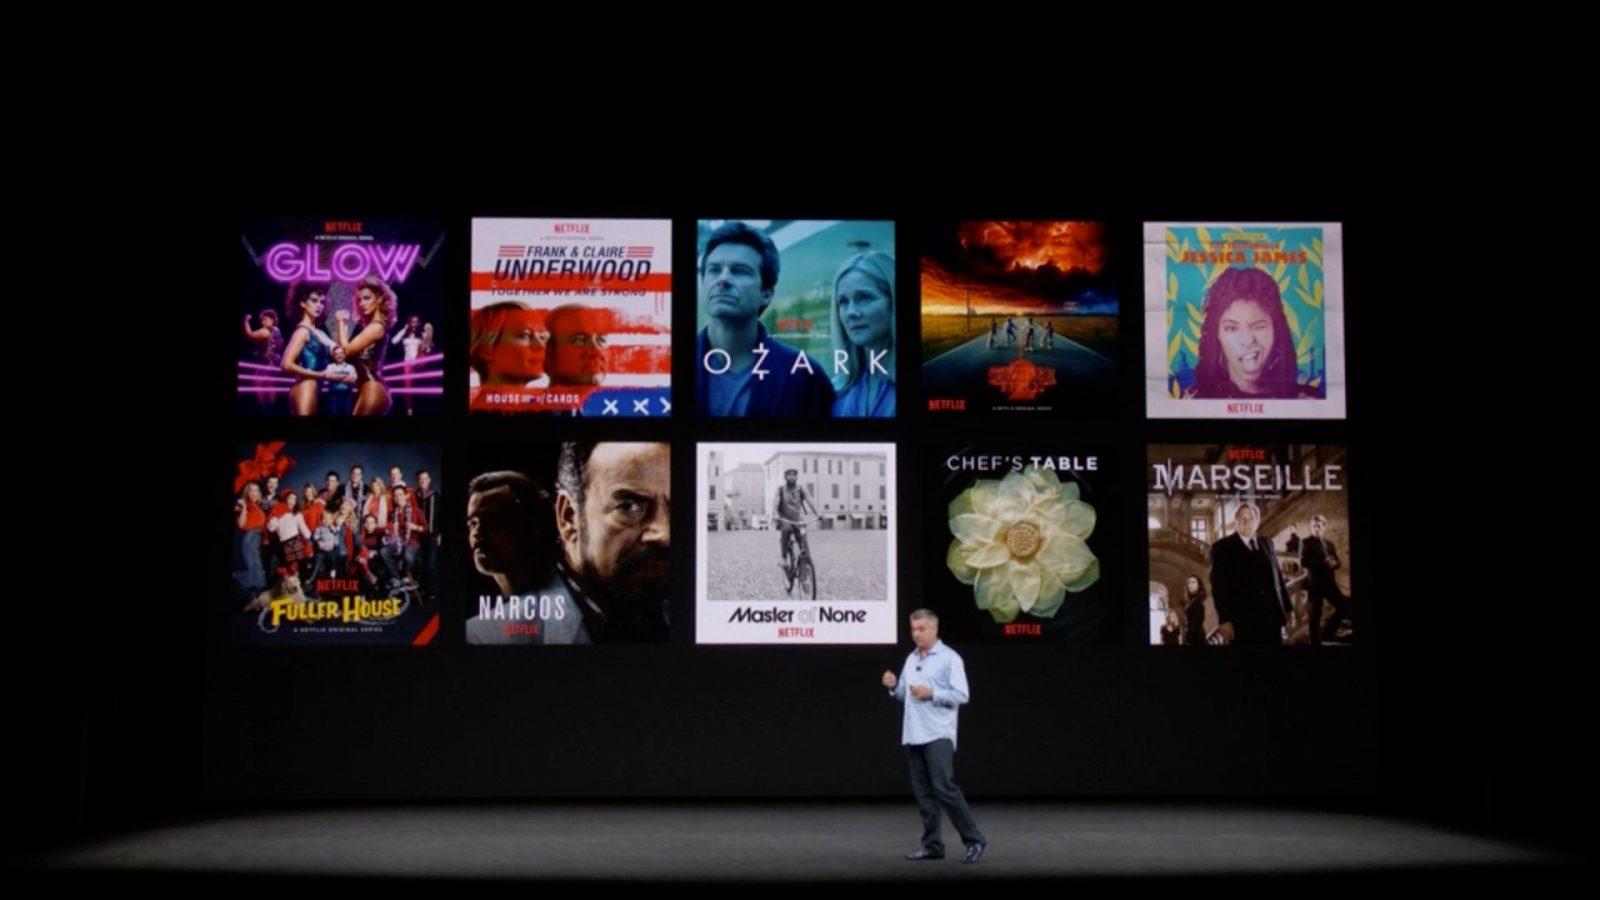 apple-iphone-x-2017-apple-tv-4k_35